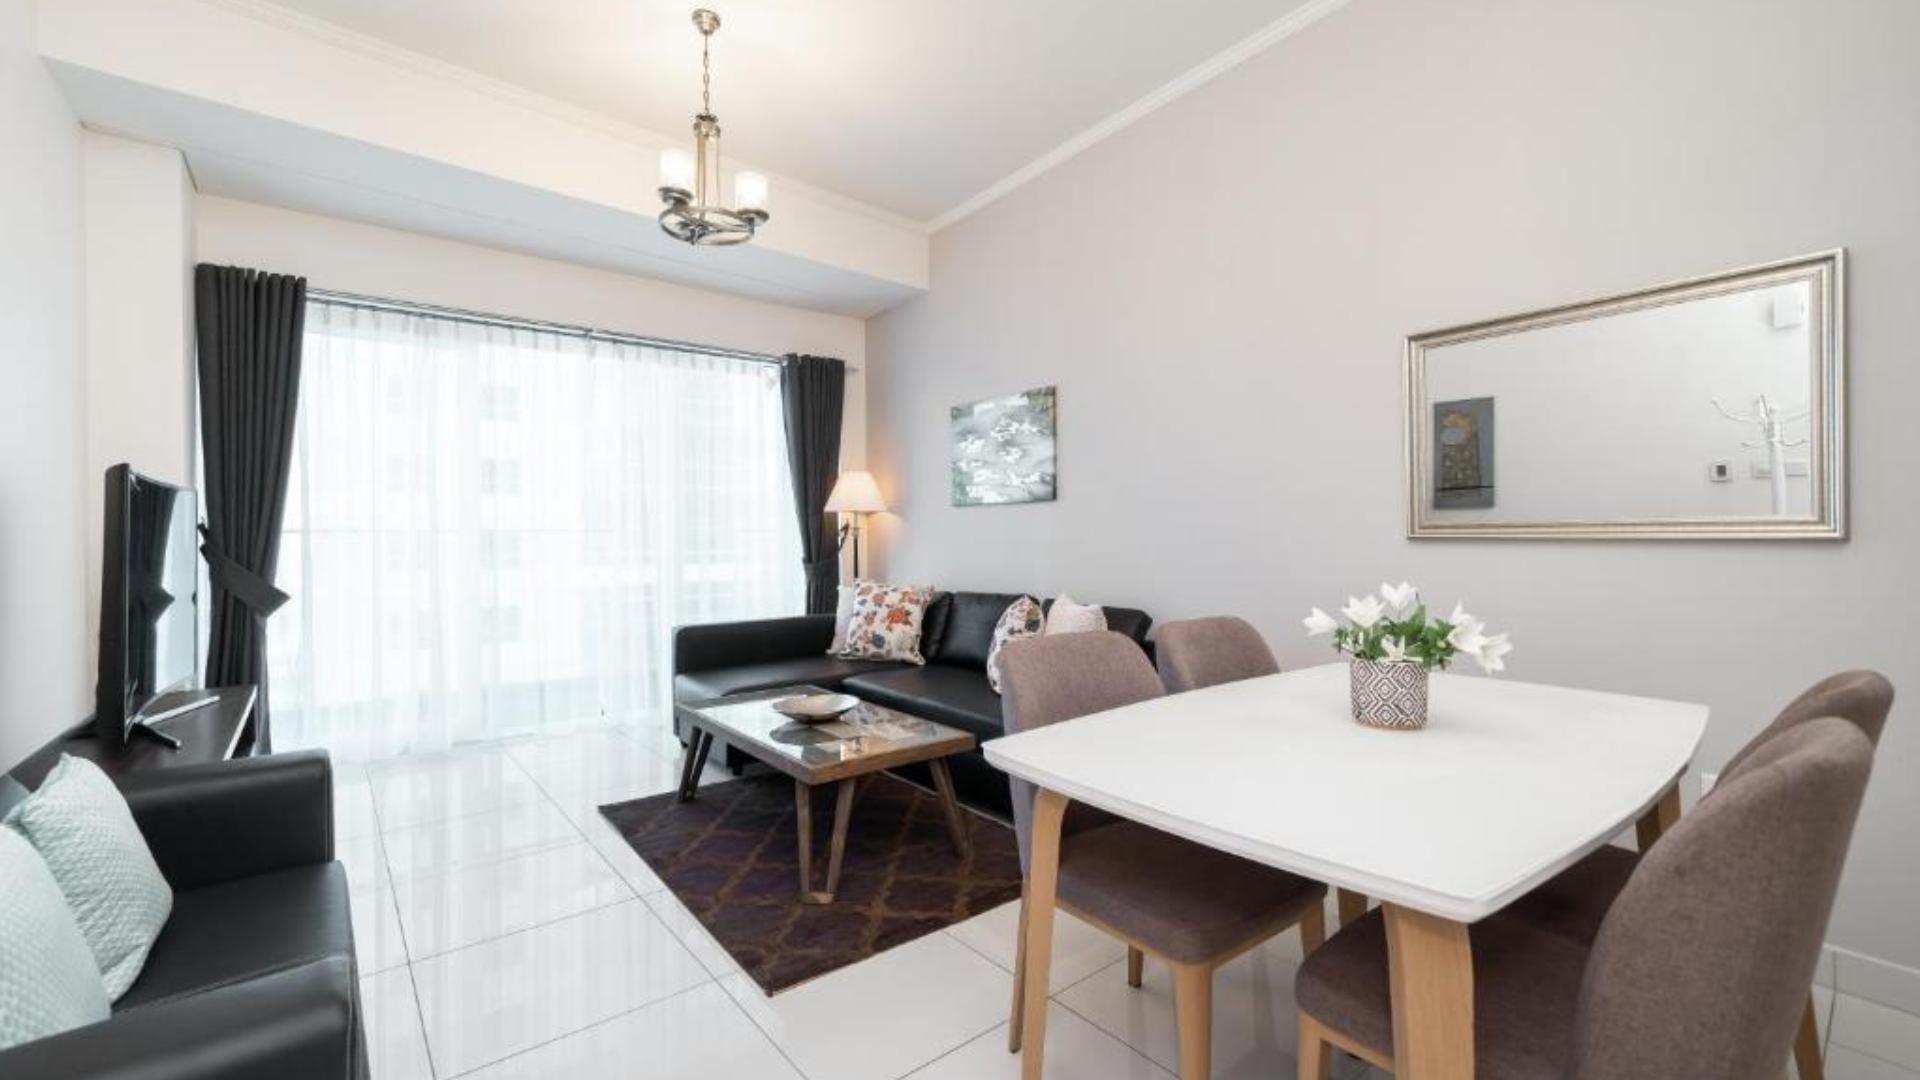 Apartamento en venta en Dubai, EAU, 2 dormitorios, 130 m2, № 24380 – foto 1